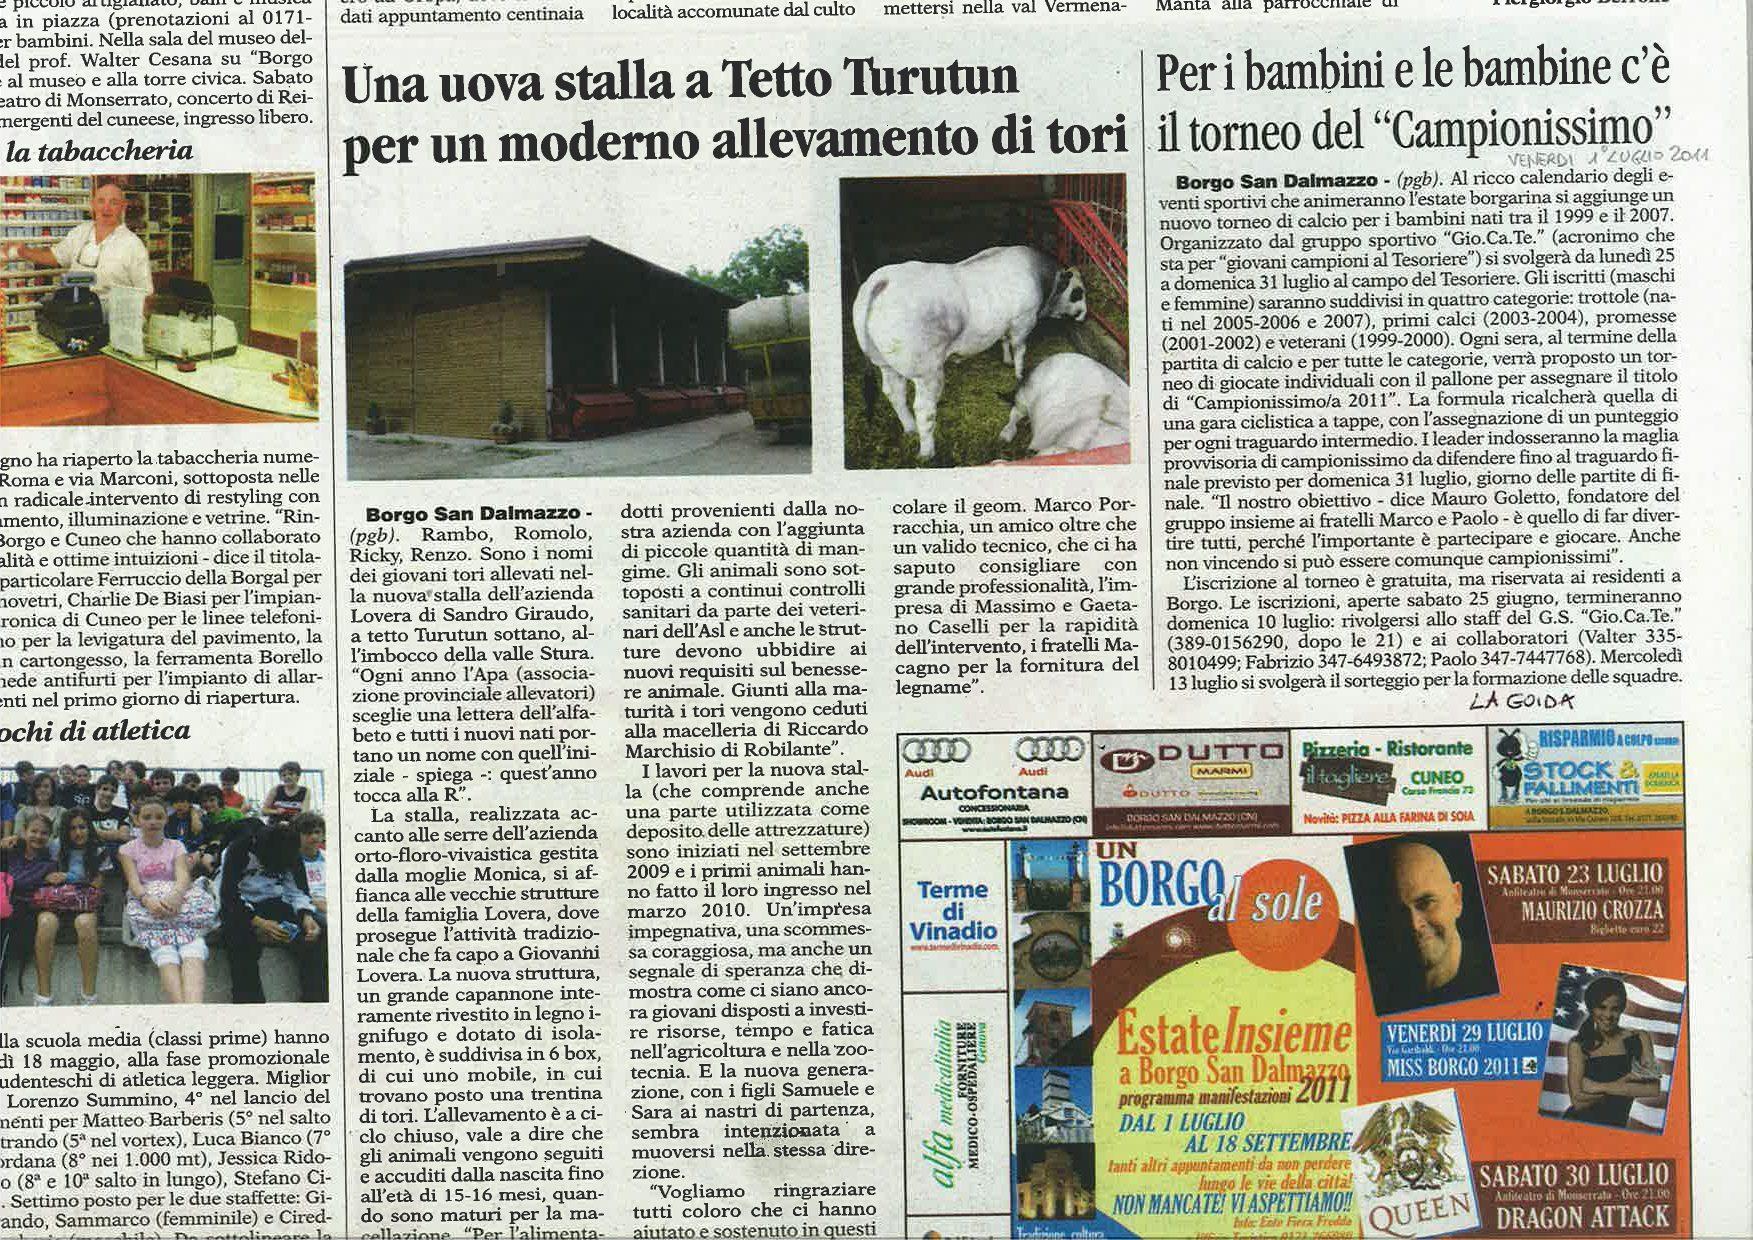 Avviso di apertuta iscrizioni Il Campionissimo 2011_page-0001